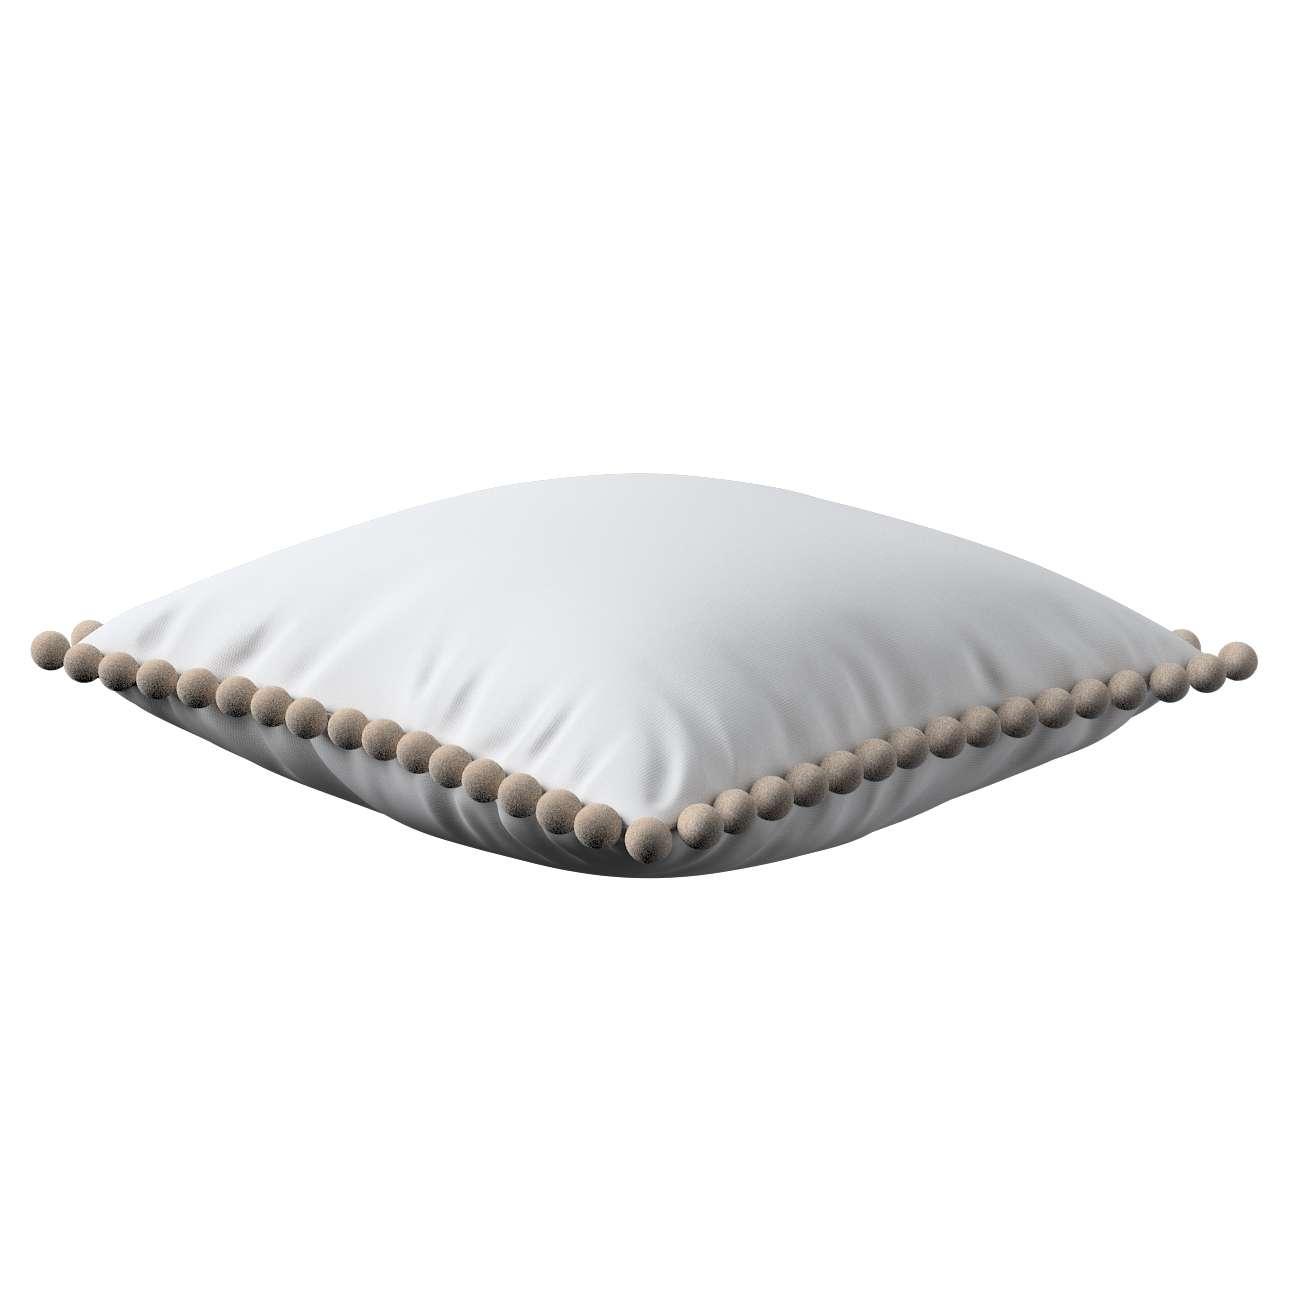 Wera dekoratyvinės pagalvėlės užvalkalas su žaismingais kraštais 45 x 45 cm kolekcijoje Loneta , audinys: 133-02